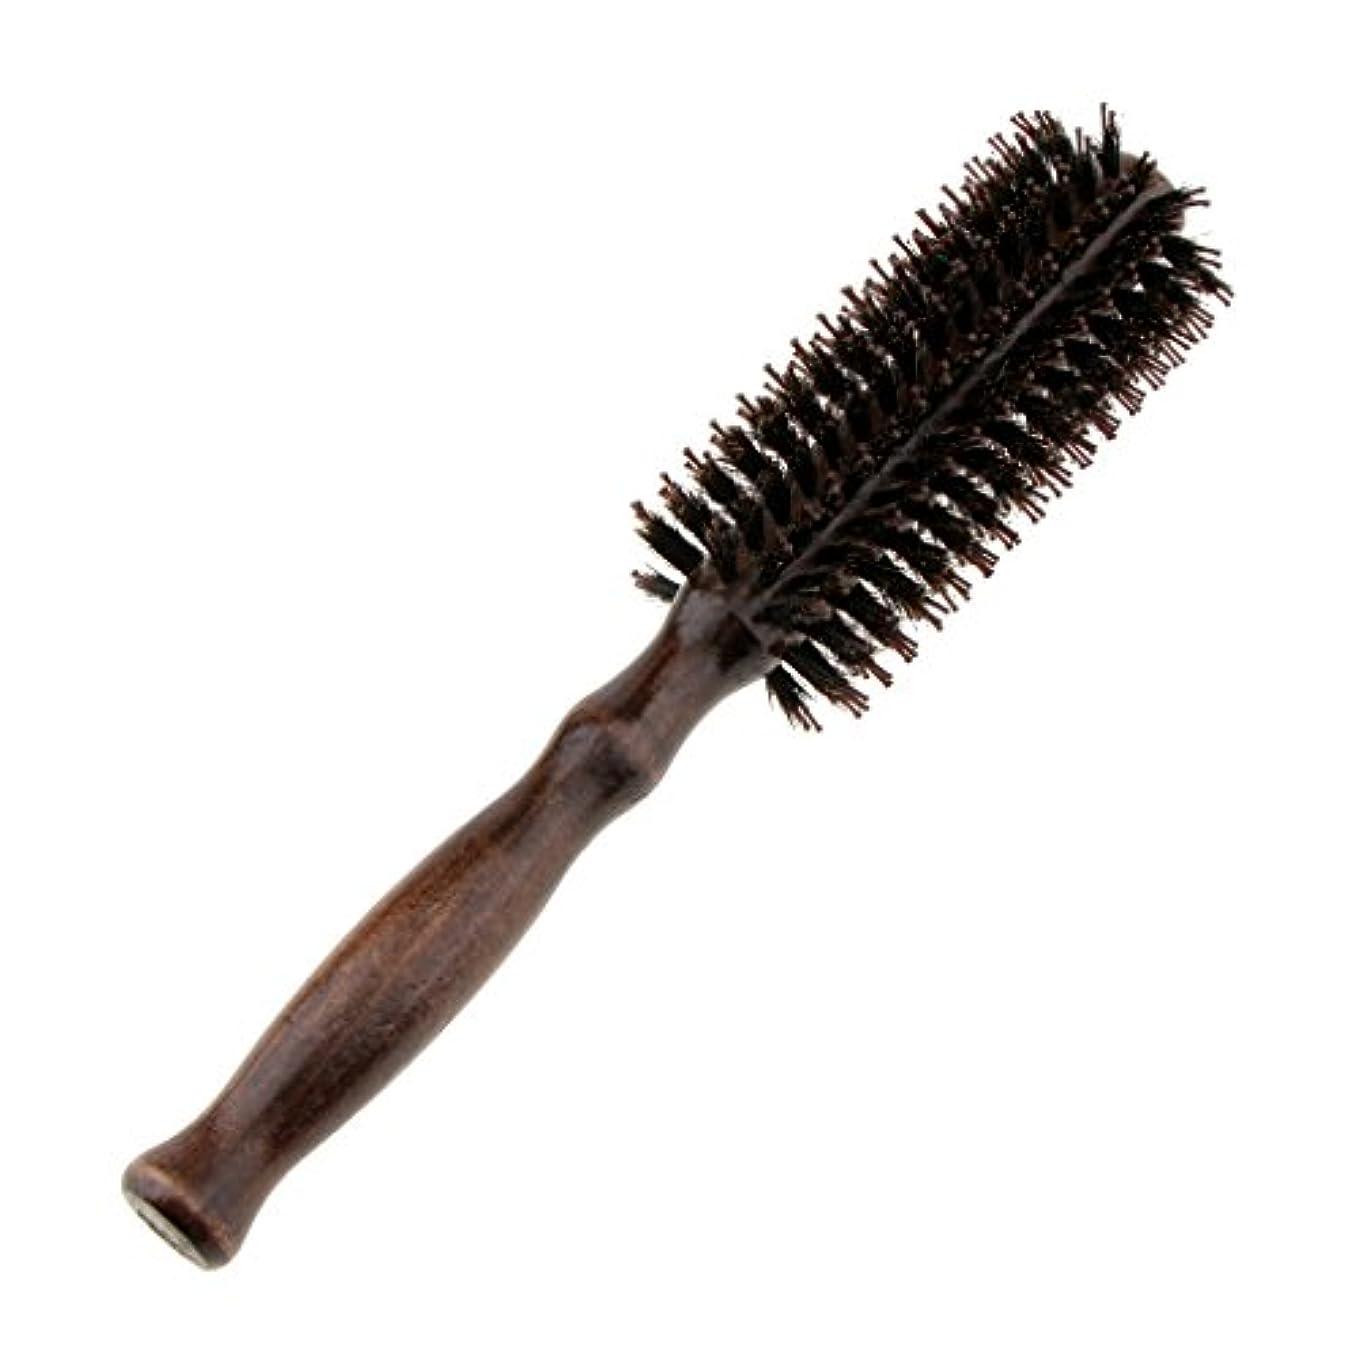 パンチジャーナル債務Perfk ロールブラシ ヘアブラシ 木製ハンドル カール 巻き髪 帯電防止 耐熱性 ヘアコーム 2タイプ選べる - #1